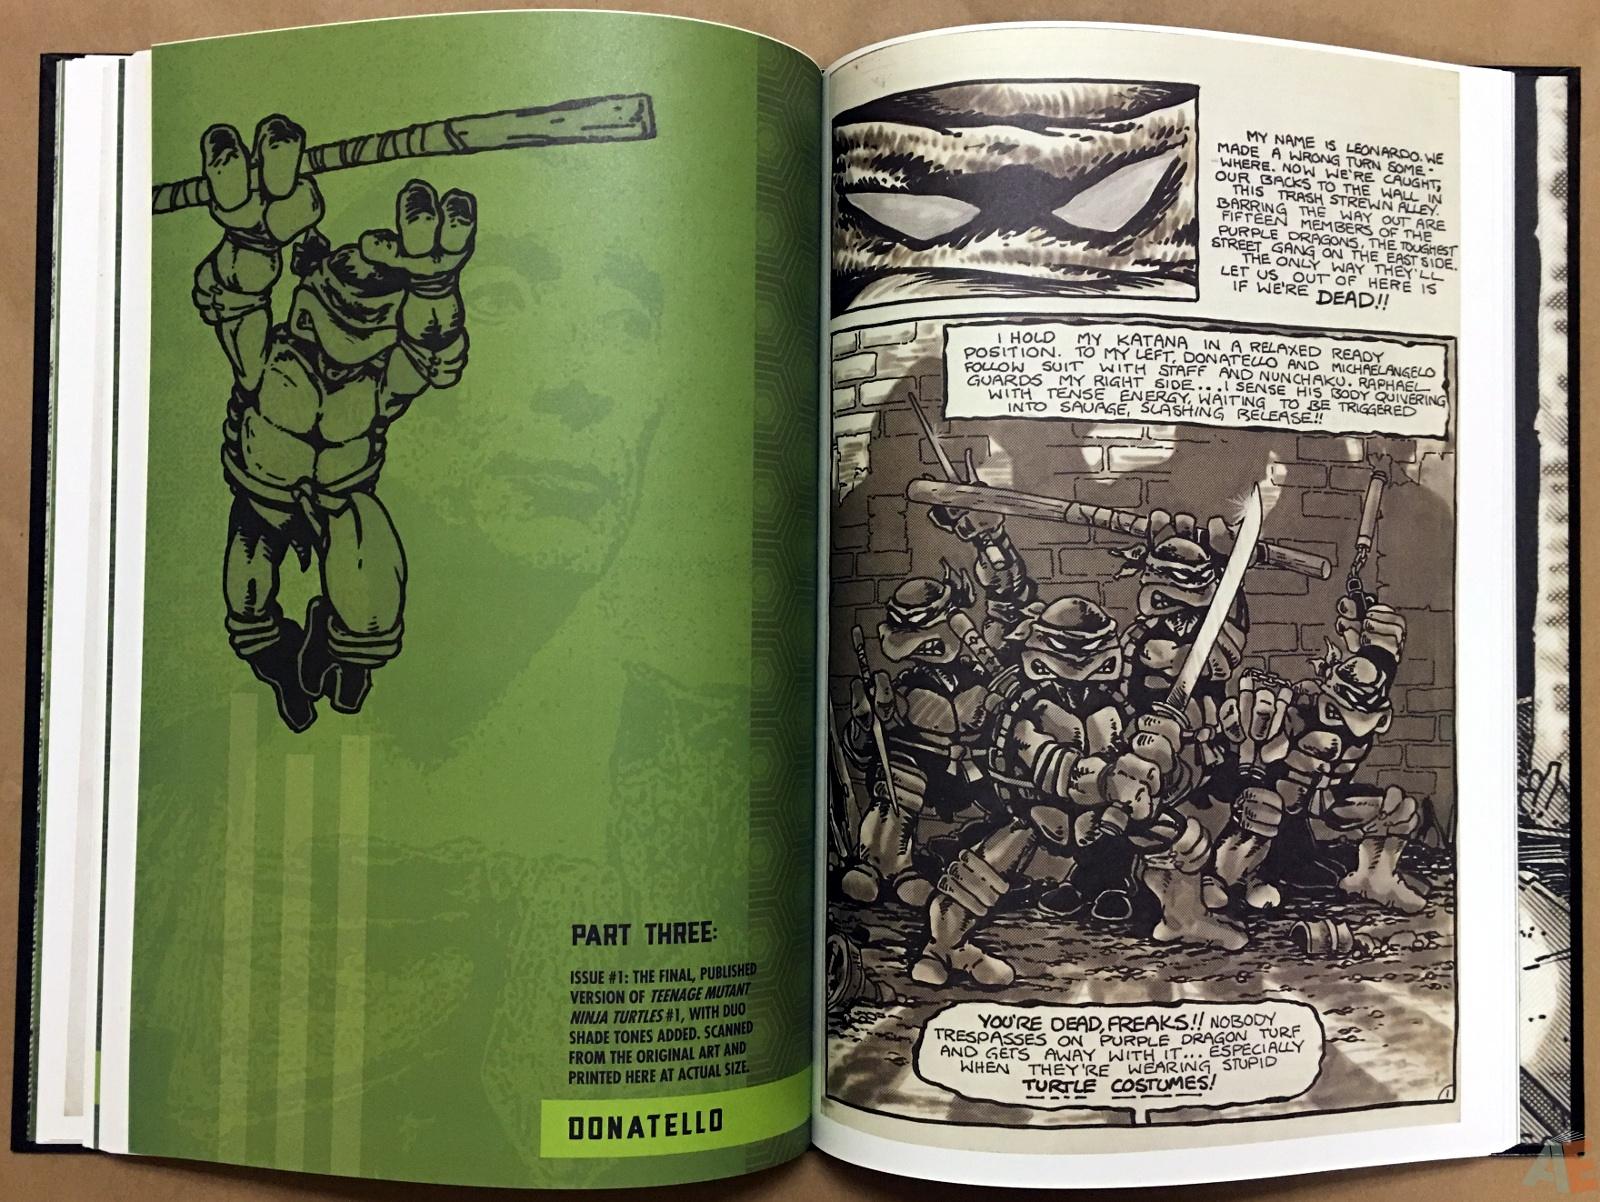 Teenage Mutant Ninja Turtles Artisan Edition 26